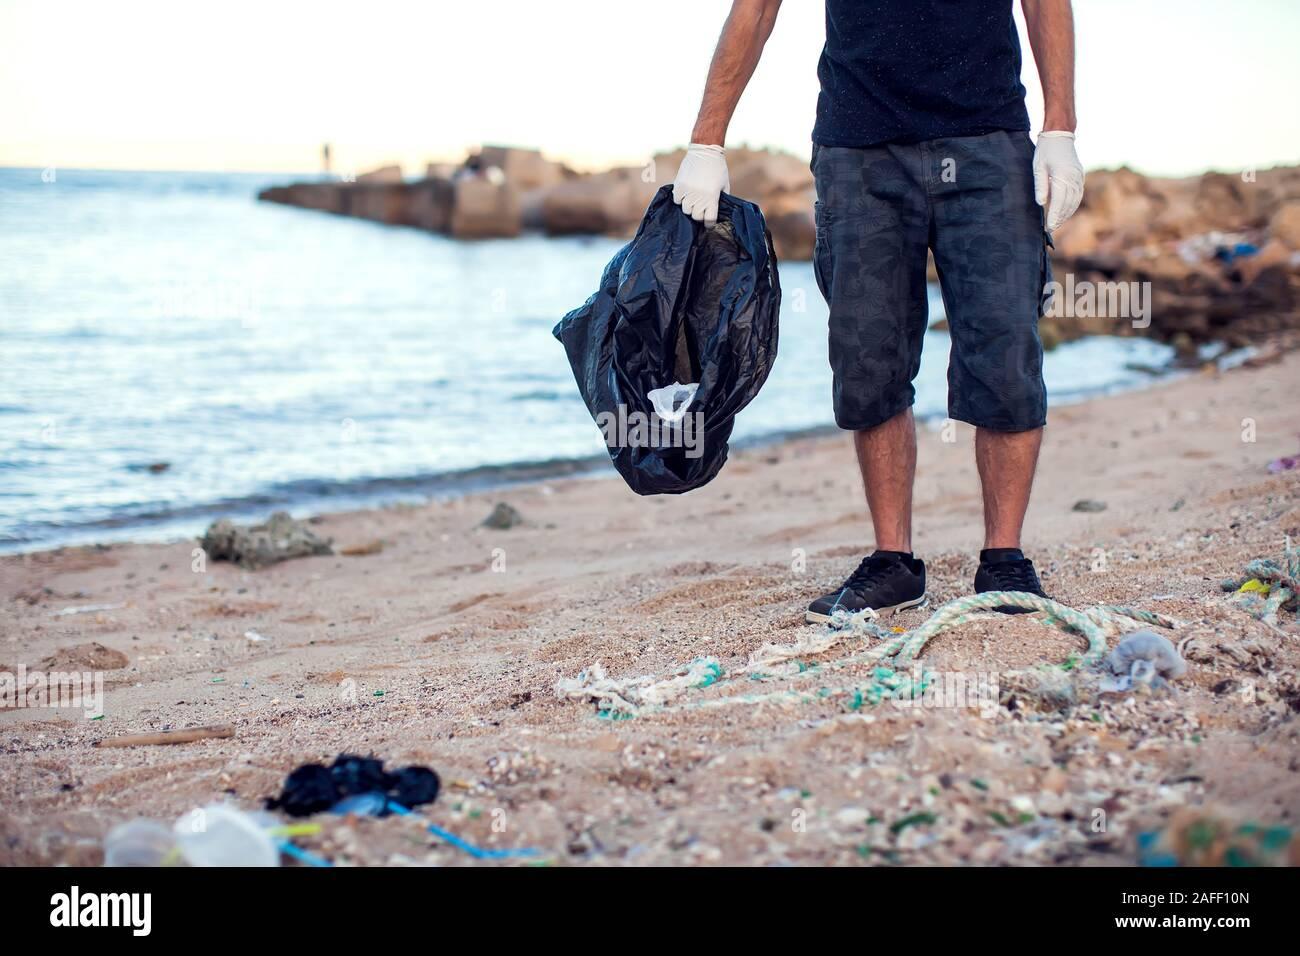 Hombre en camisetas oscuras y cortocircuitos con guantes blancos y negro paquete grande recoger la basura en la playa. La protección del medio ambiente y contaminación del planeta co Foto de stock